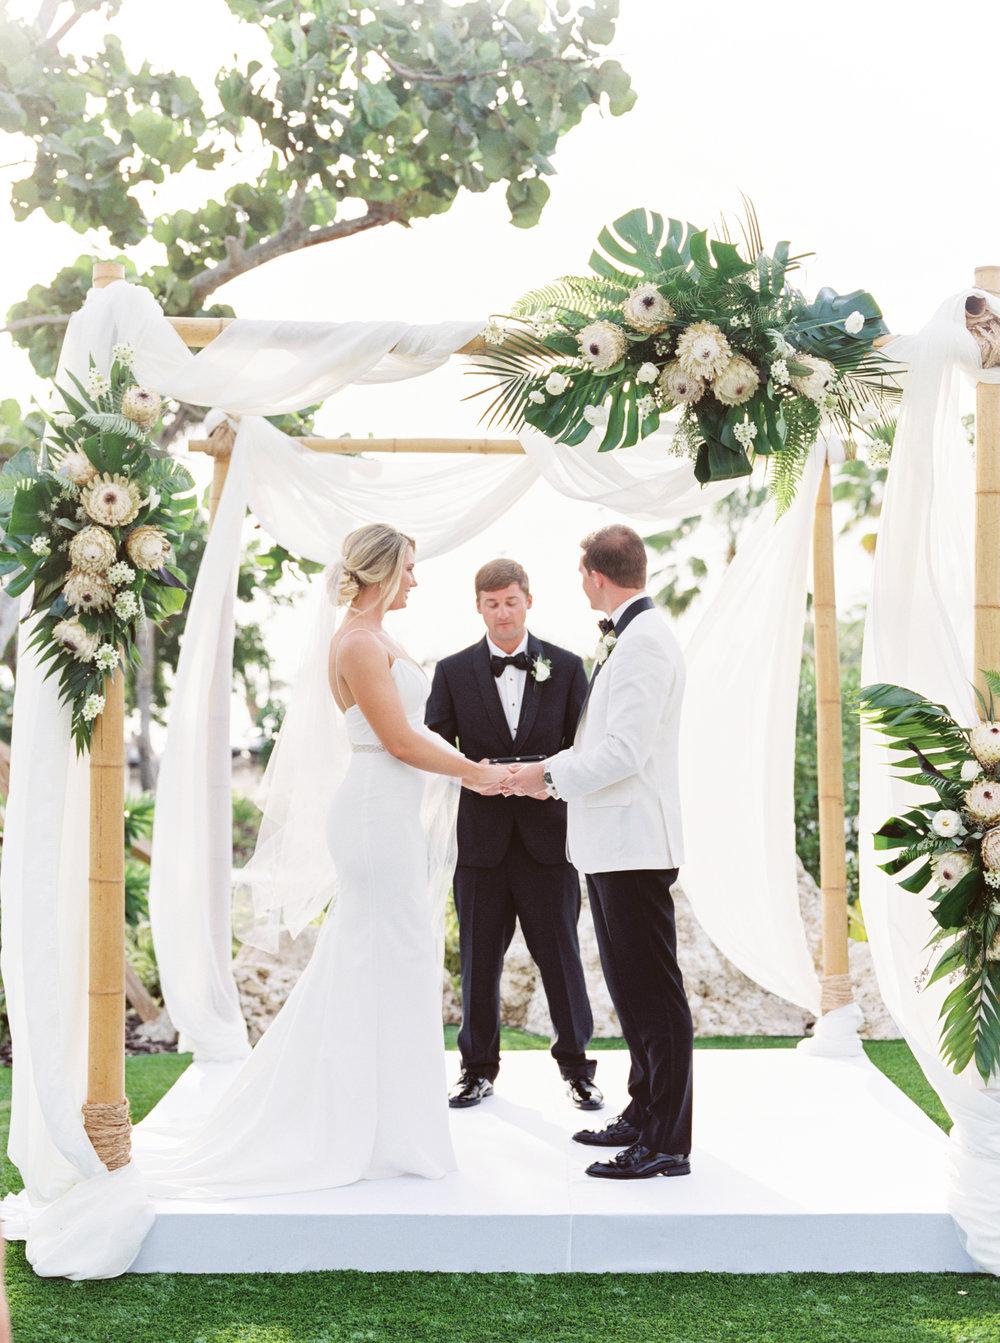 Rachel+Seth Wedding_337.JPG